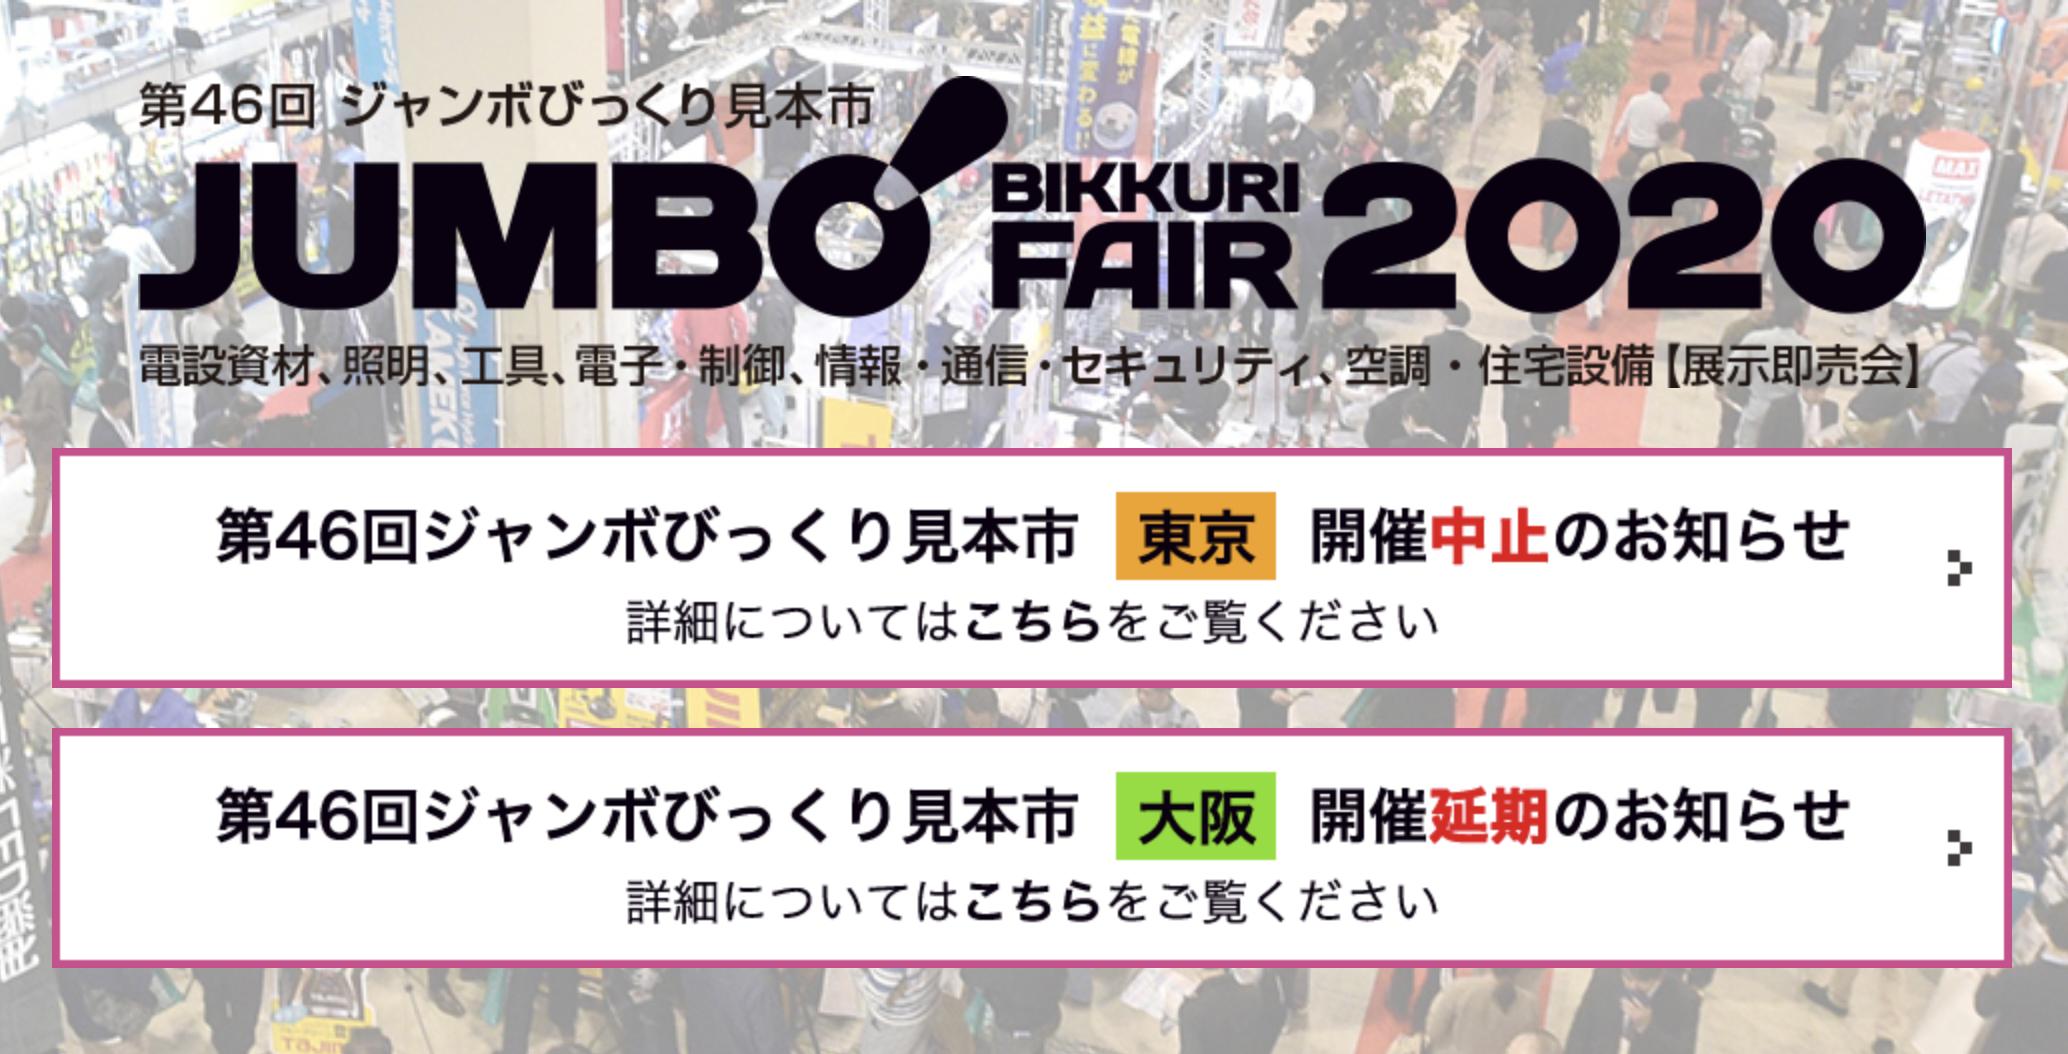 【第46回 ジャンボびっくり見本市】開催中止・延期のお知らせの画像